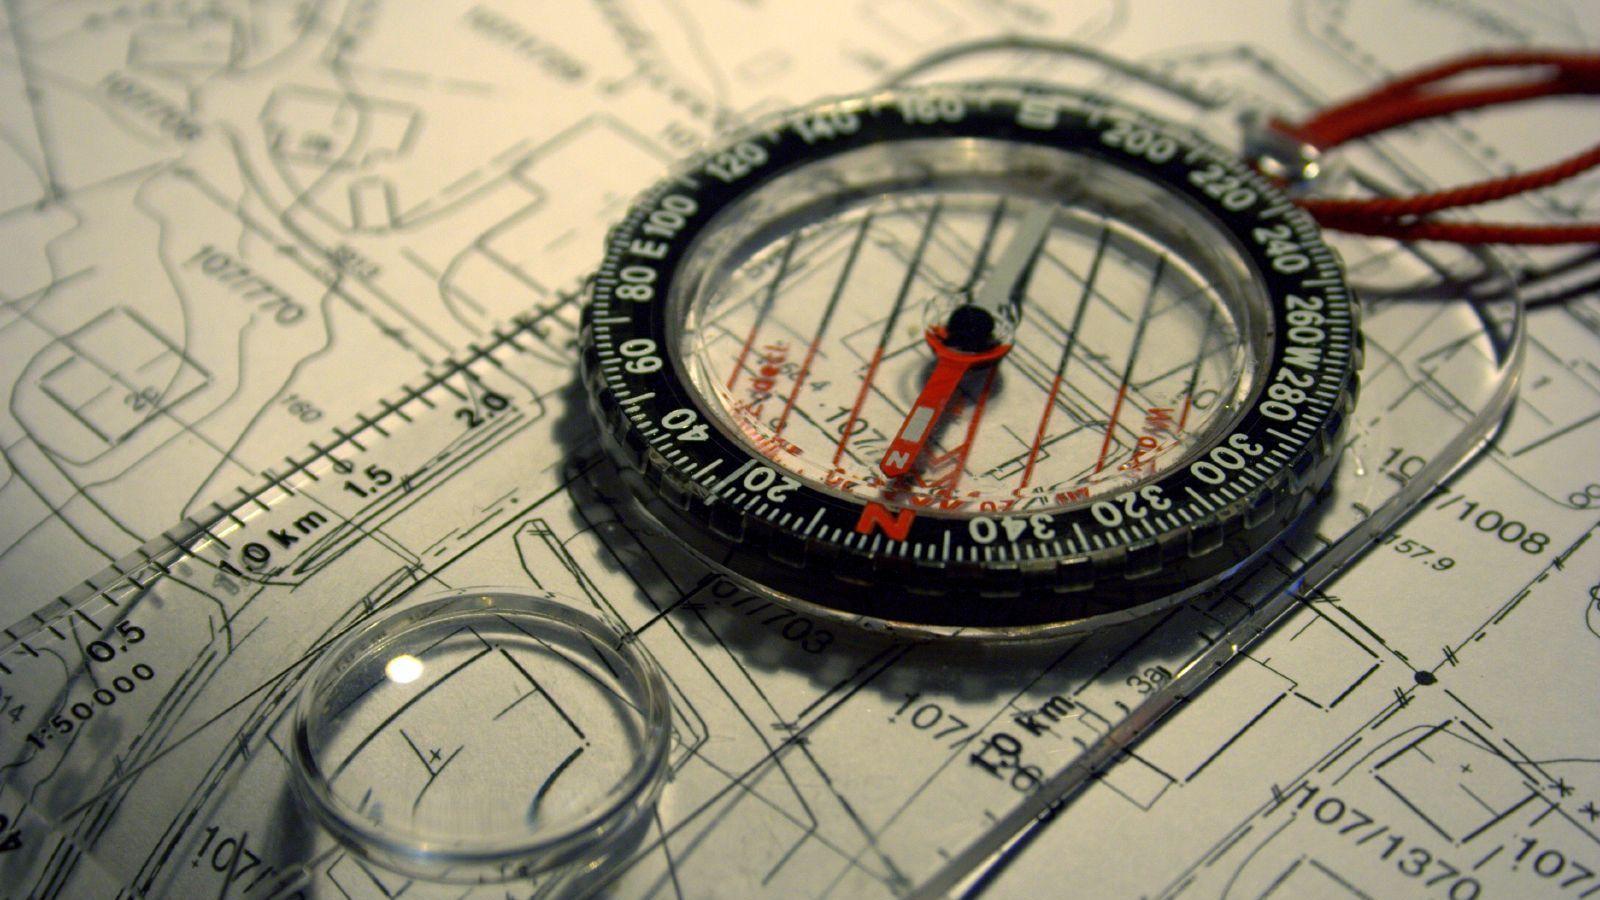 Jaki kompas wybrać?